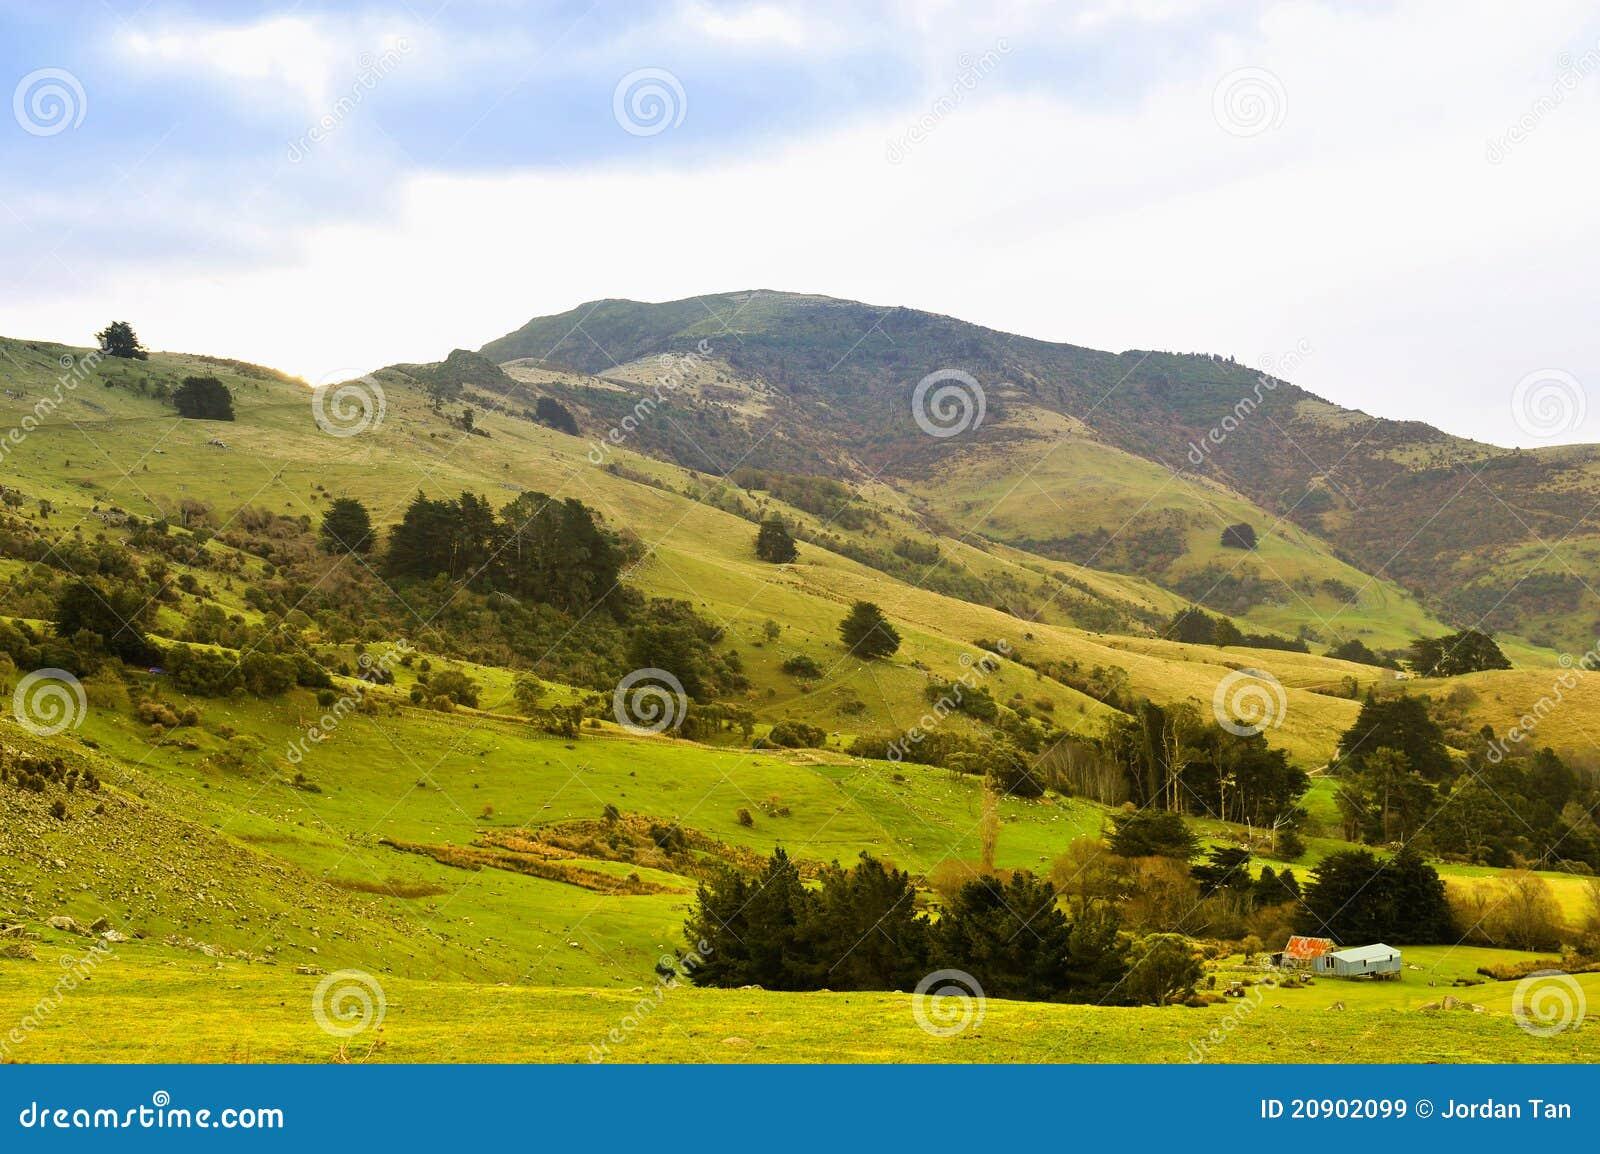 Paesaggio scenico del pendio di collina immagine stock for Planimetrie del paese di collina